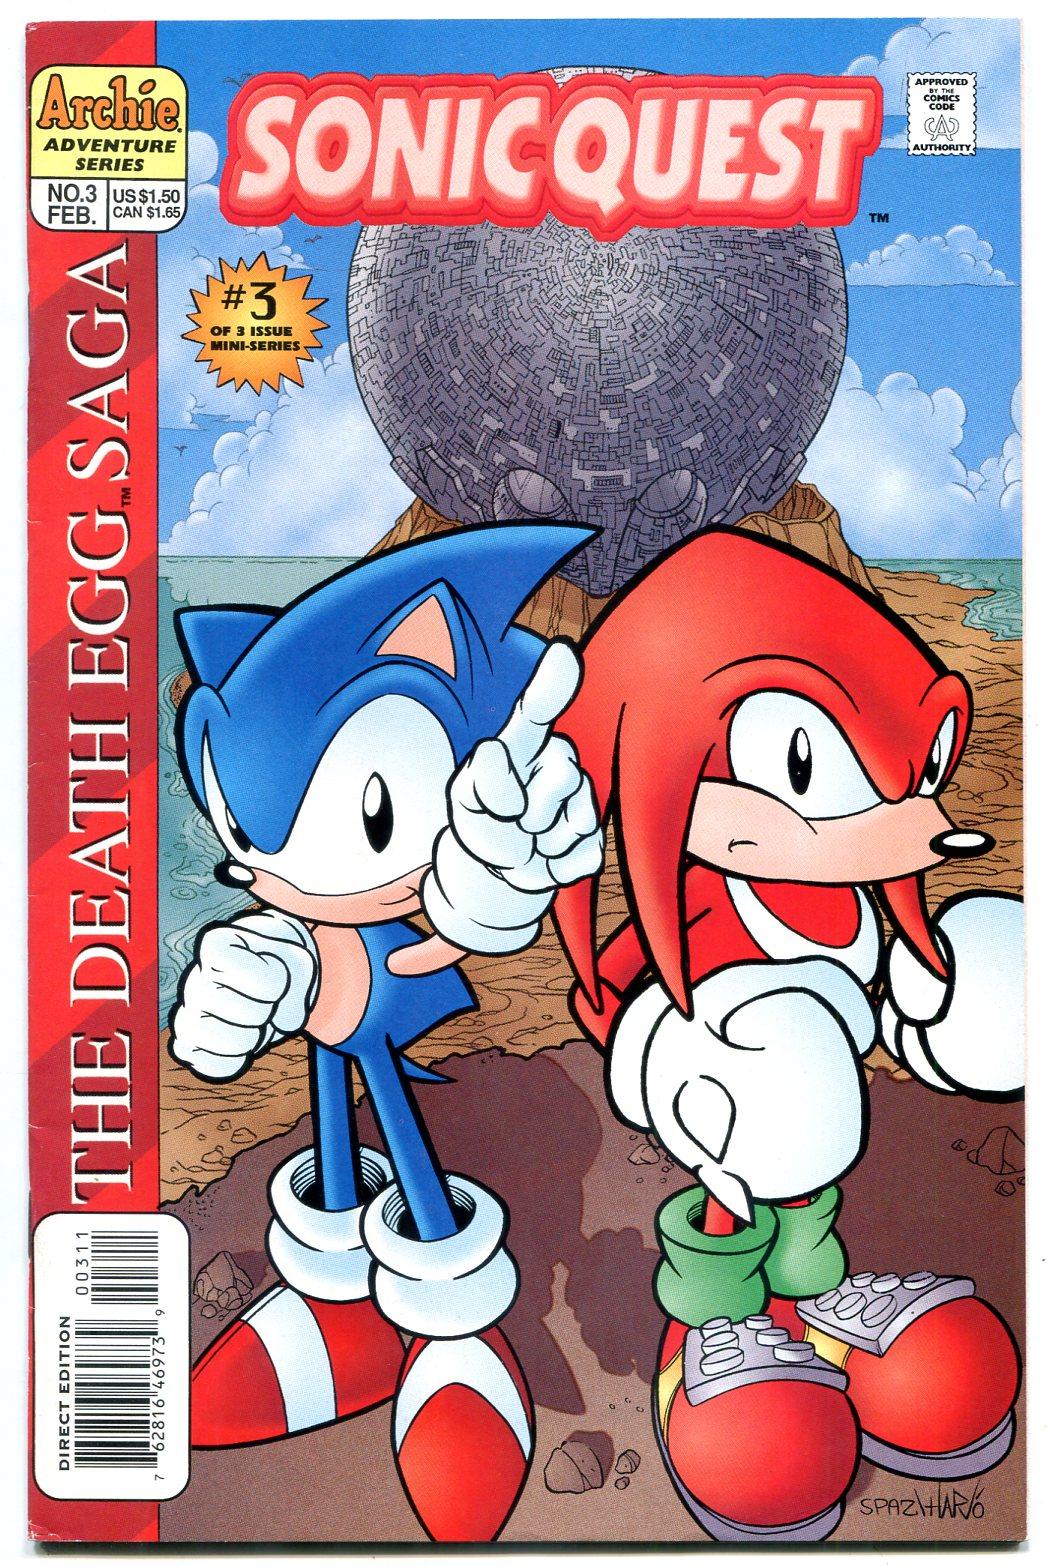 Sonic Quest The Death Egg Saga 3 1996 Sega Archie Comics Vf 1997 Comic Dta Collectibles